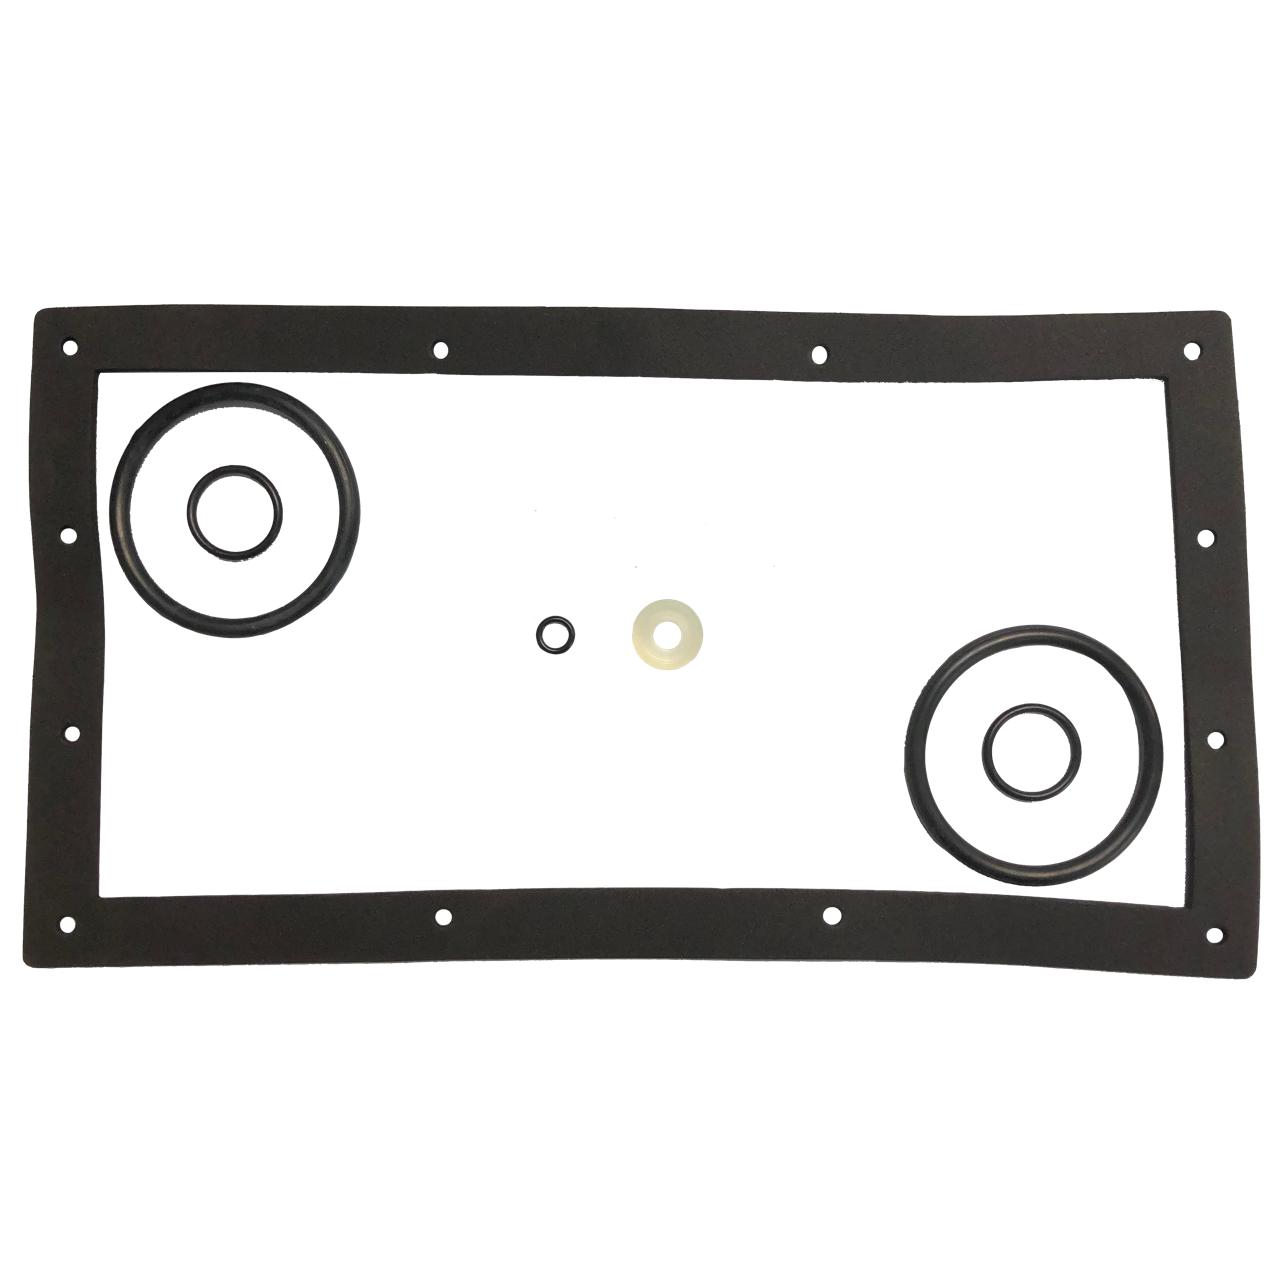 W-HTLLA-5100 Pump Seal Kit